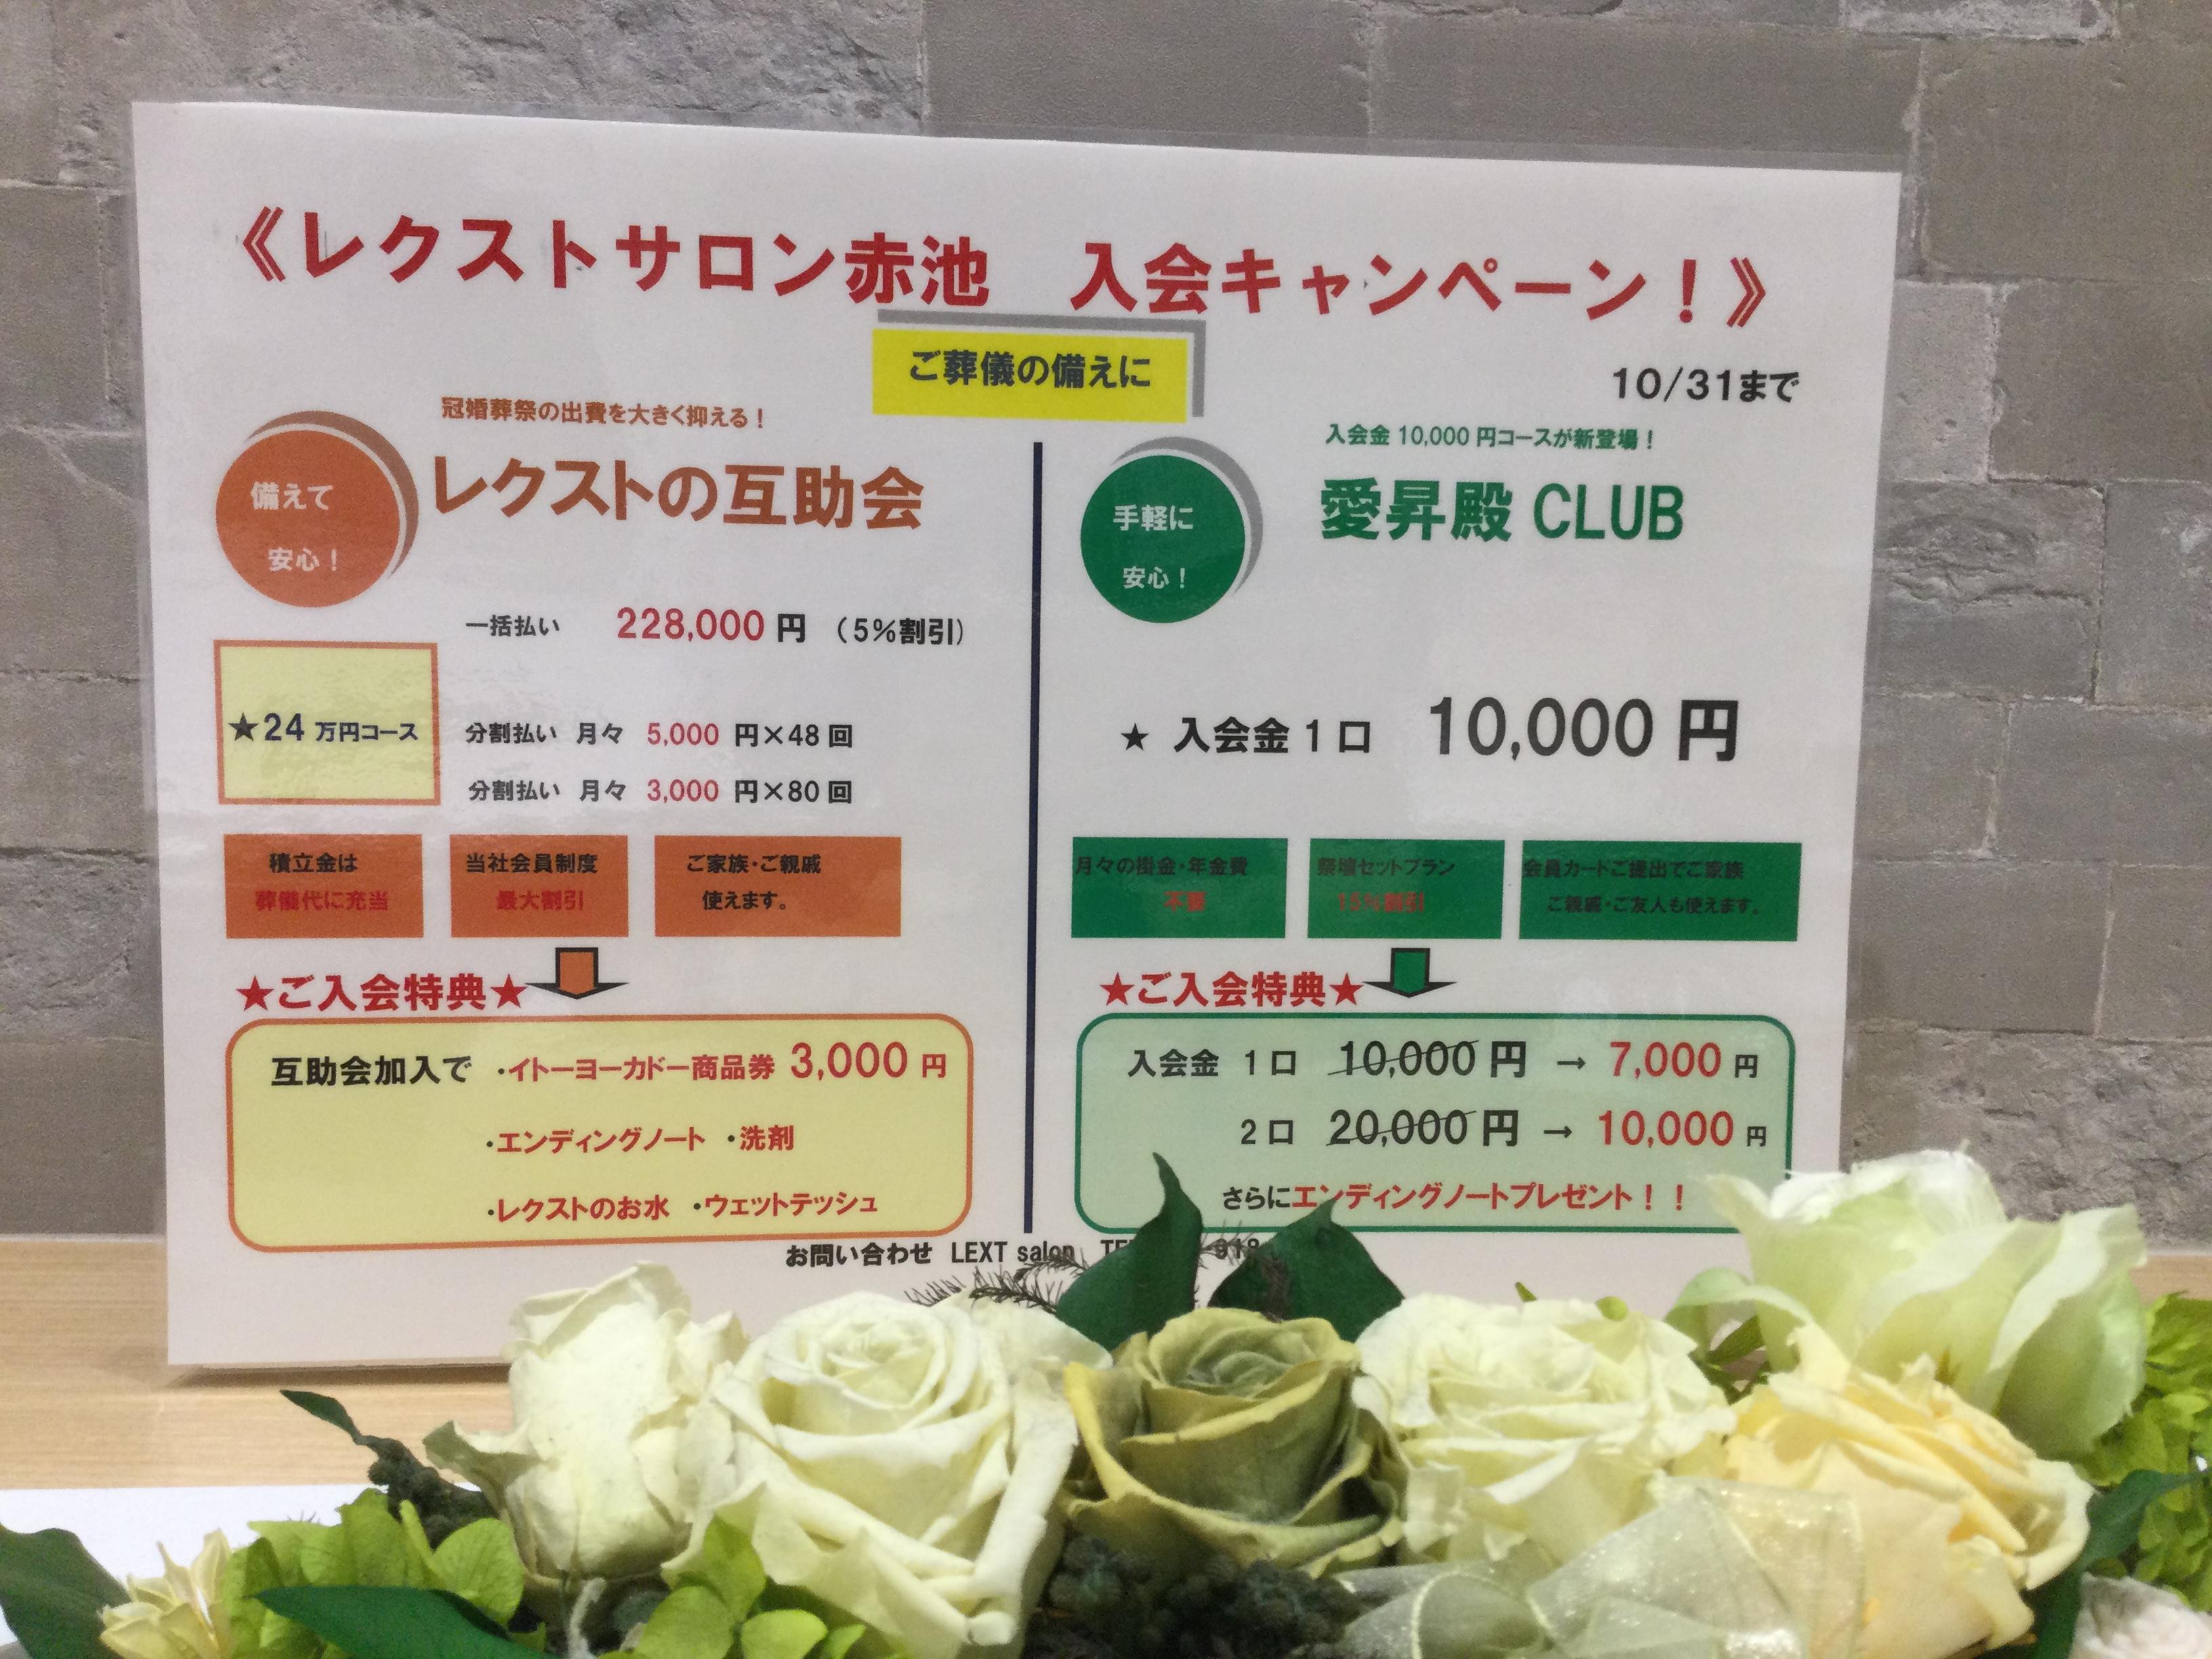 互助会と愛昇殿CLUBキャンペーン